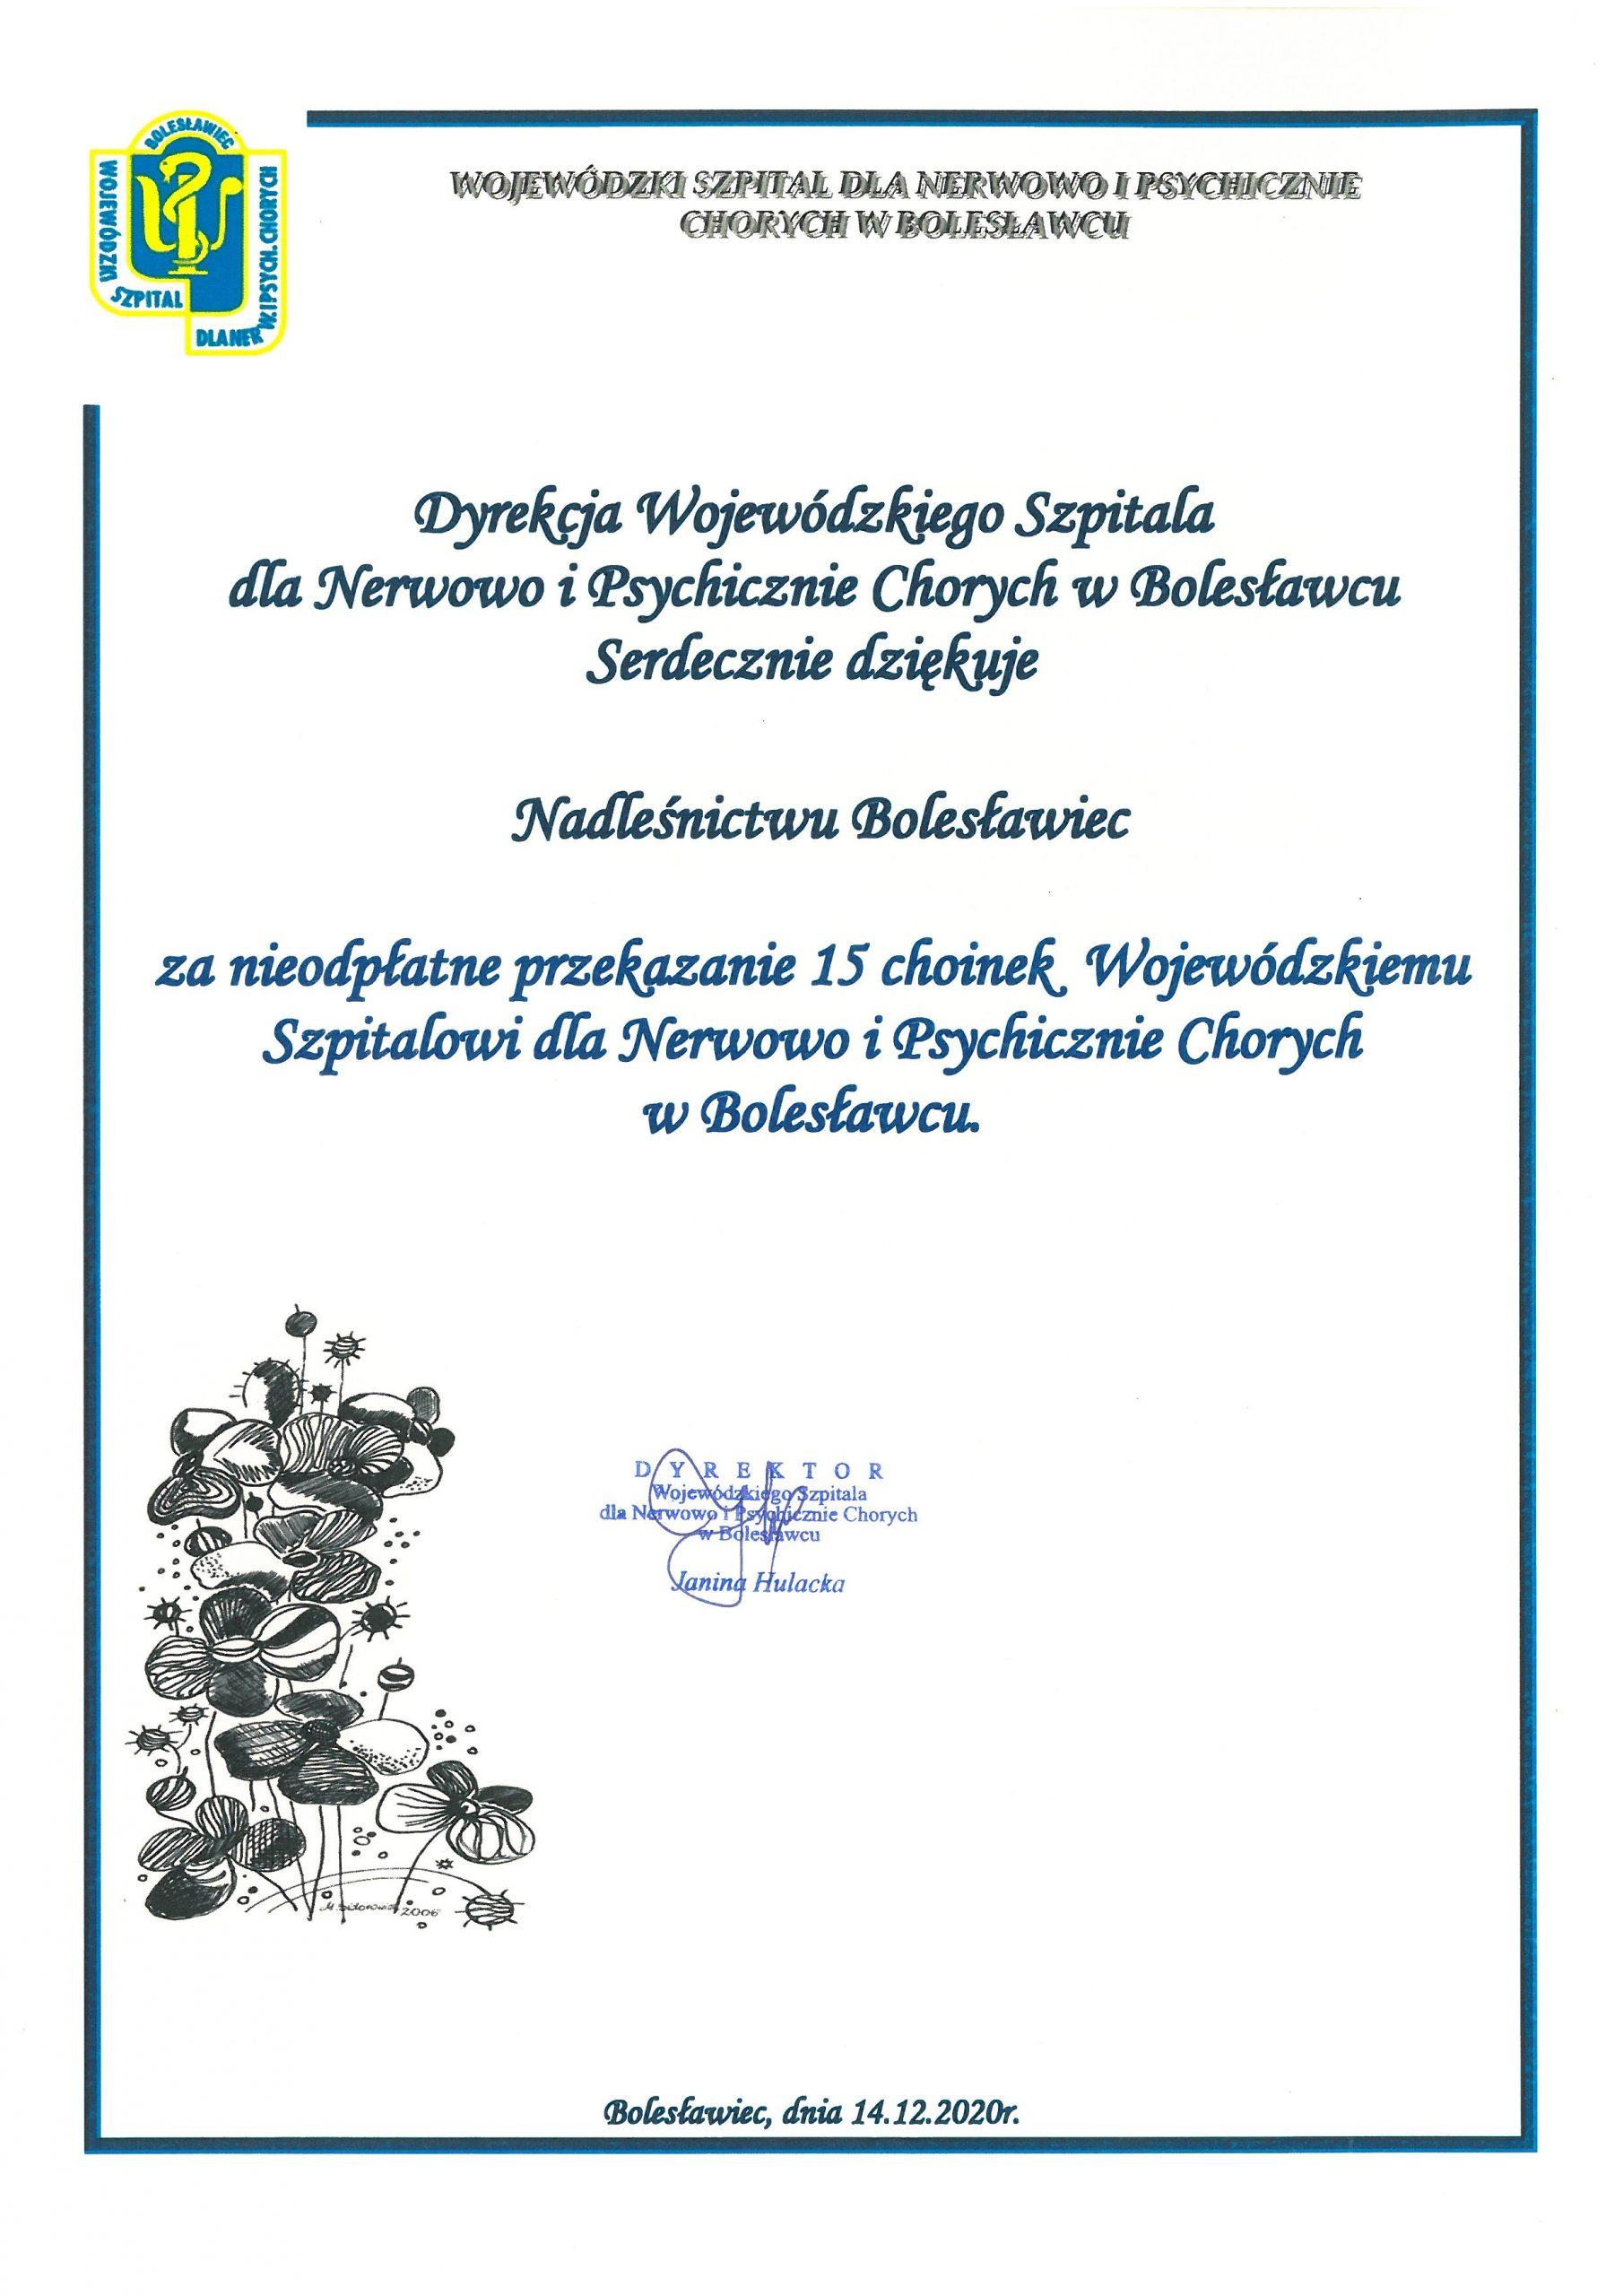 Podziękowania dla Nadleśnictwa Bolesławiec